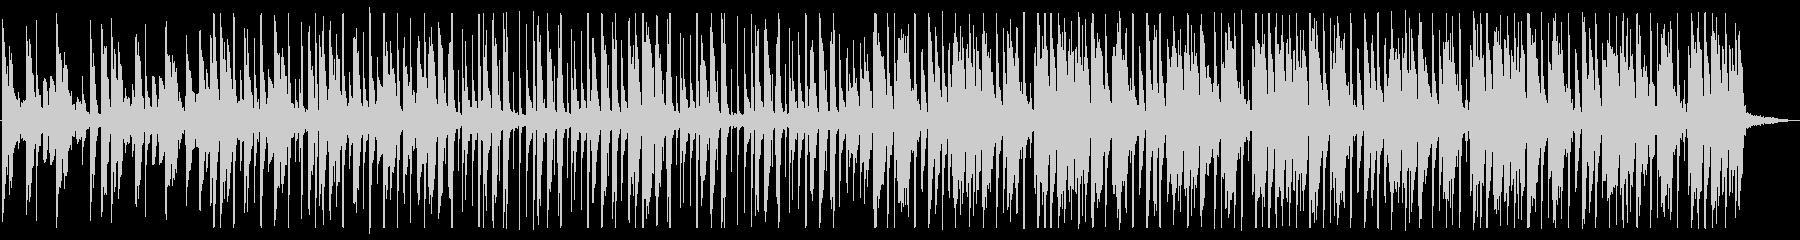 都会/ヒップホップ_No453_3の未再生の波形